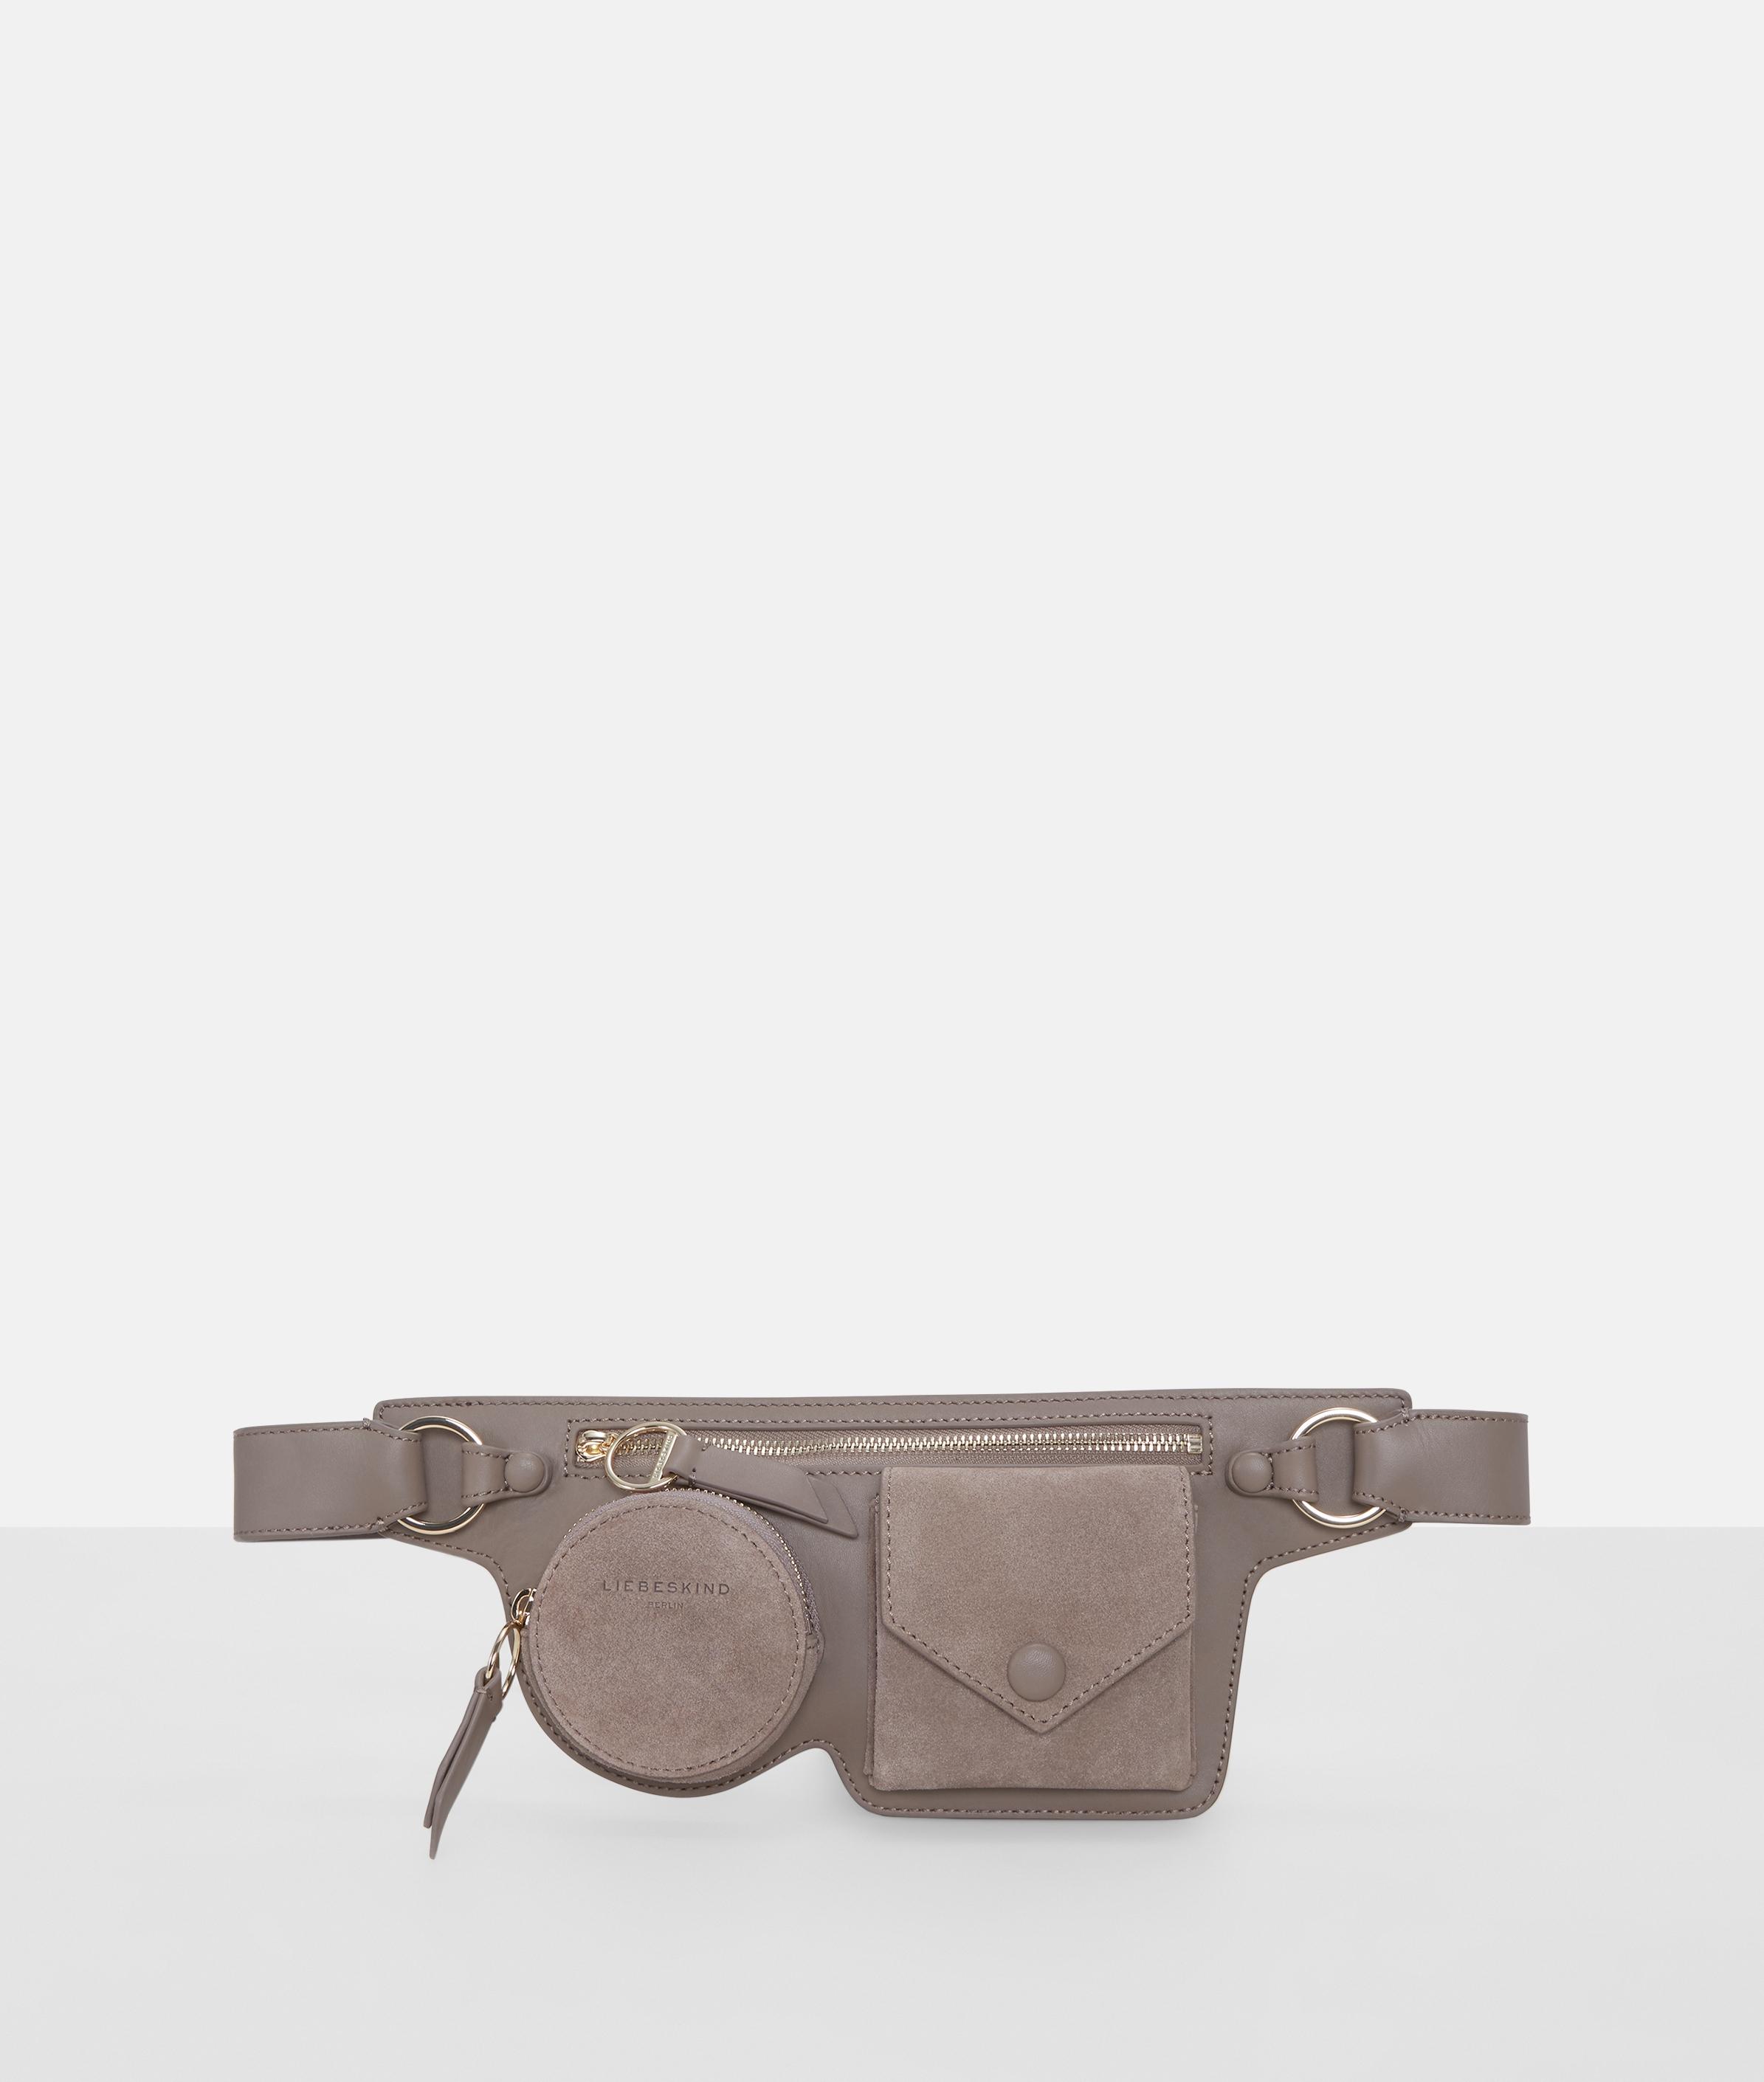 liebeskind berlin - Gürteltasche mit Fronttaschen, Grau/Schwarz